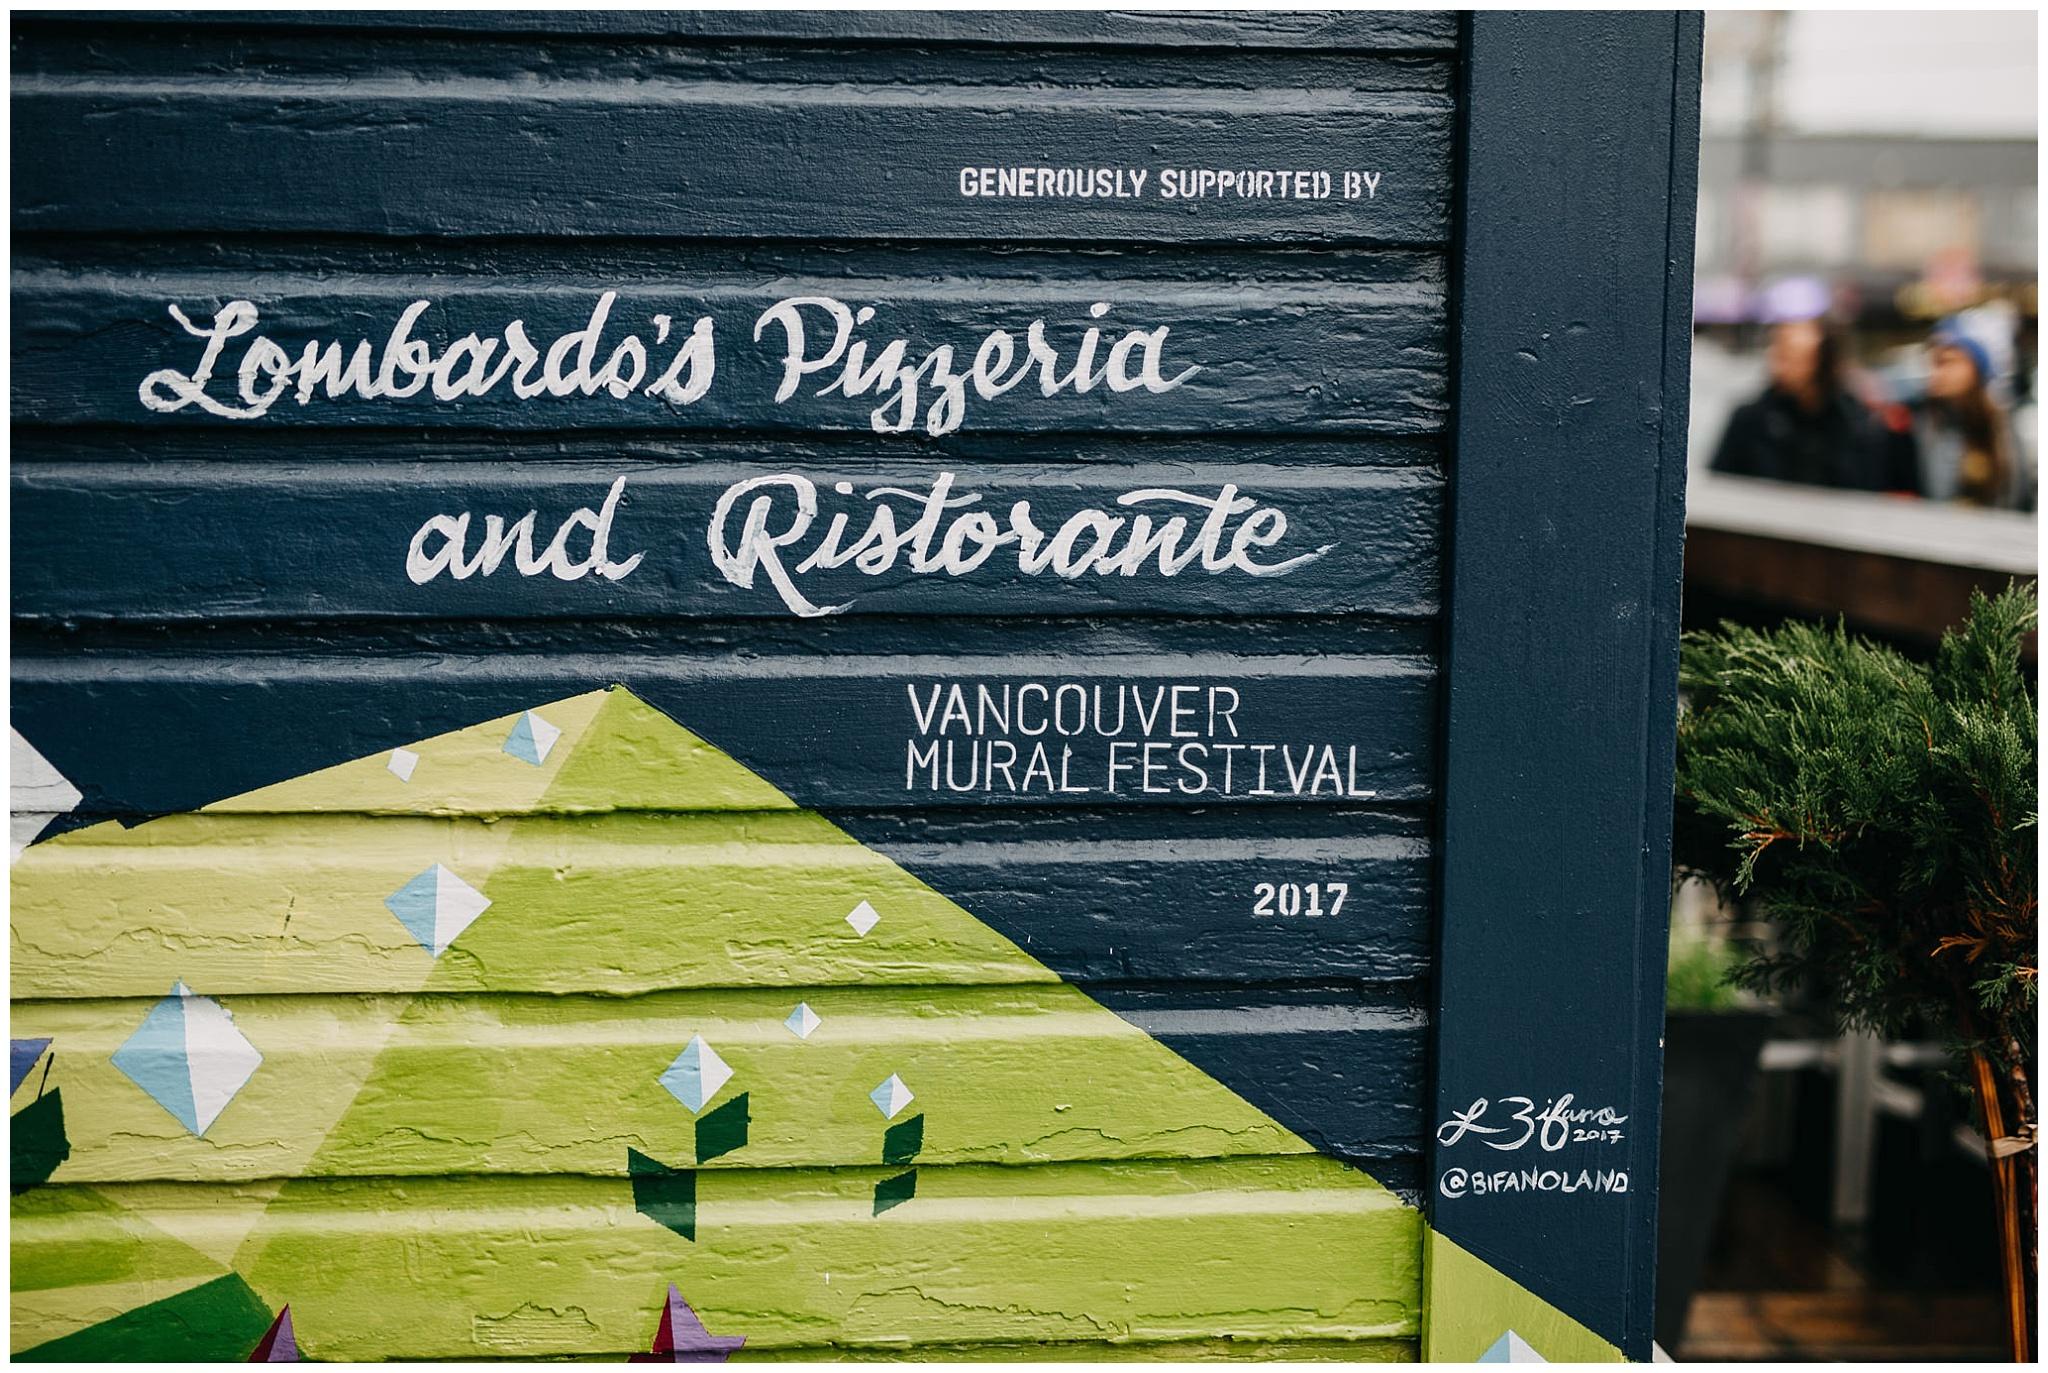 vancouver mural festival 2017 lombardo's pizzeria and ristorante